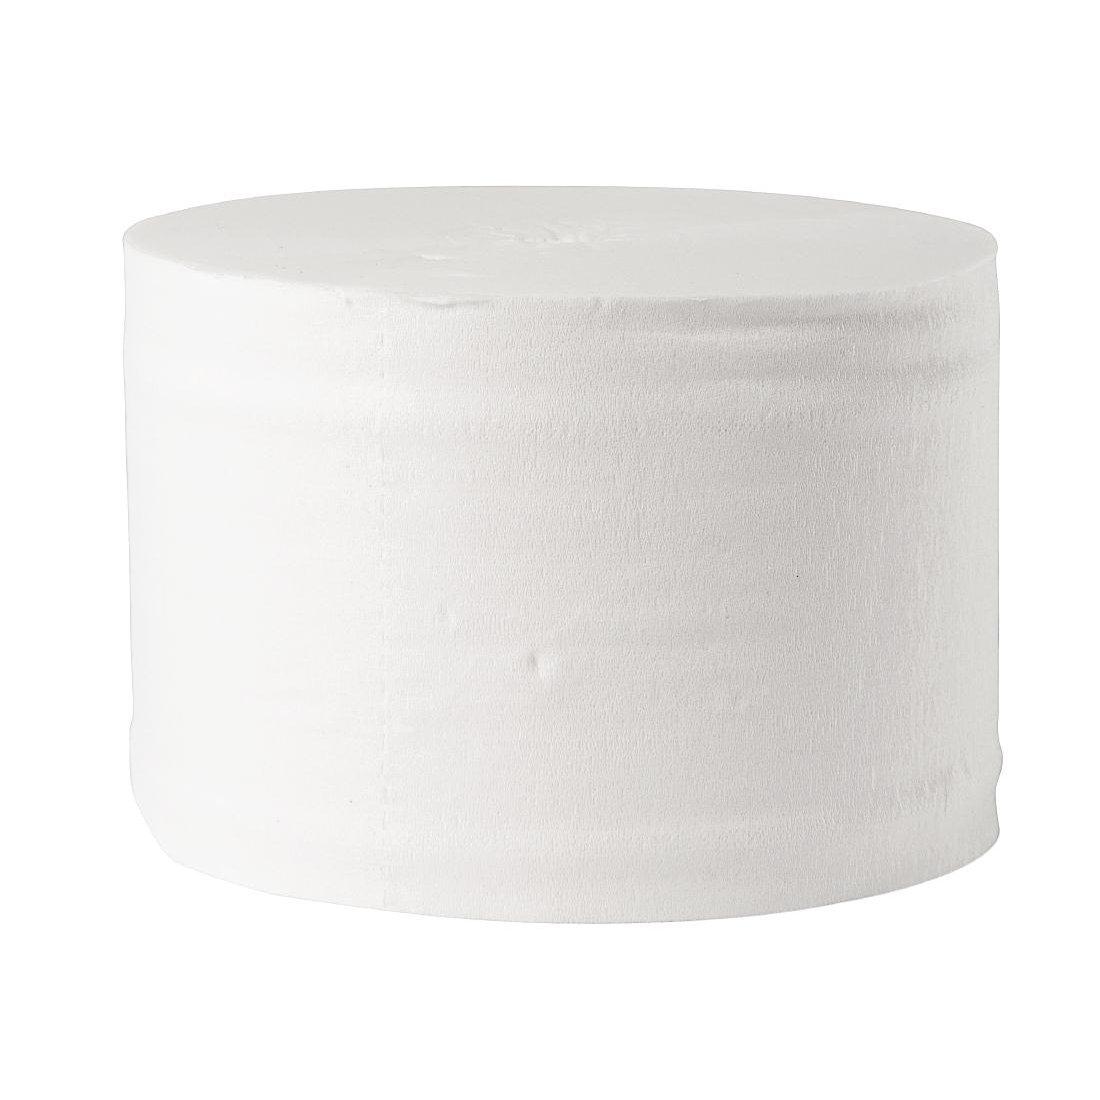 Jantex gl061/Compact Toilette Rouleau sans noyau Lot de 36